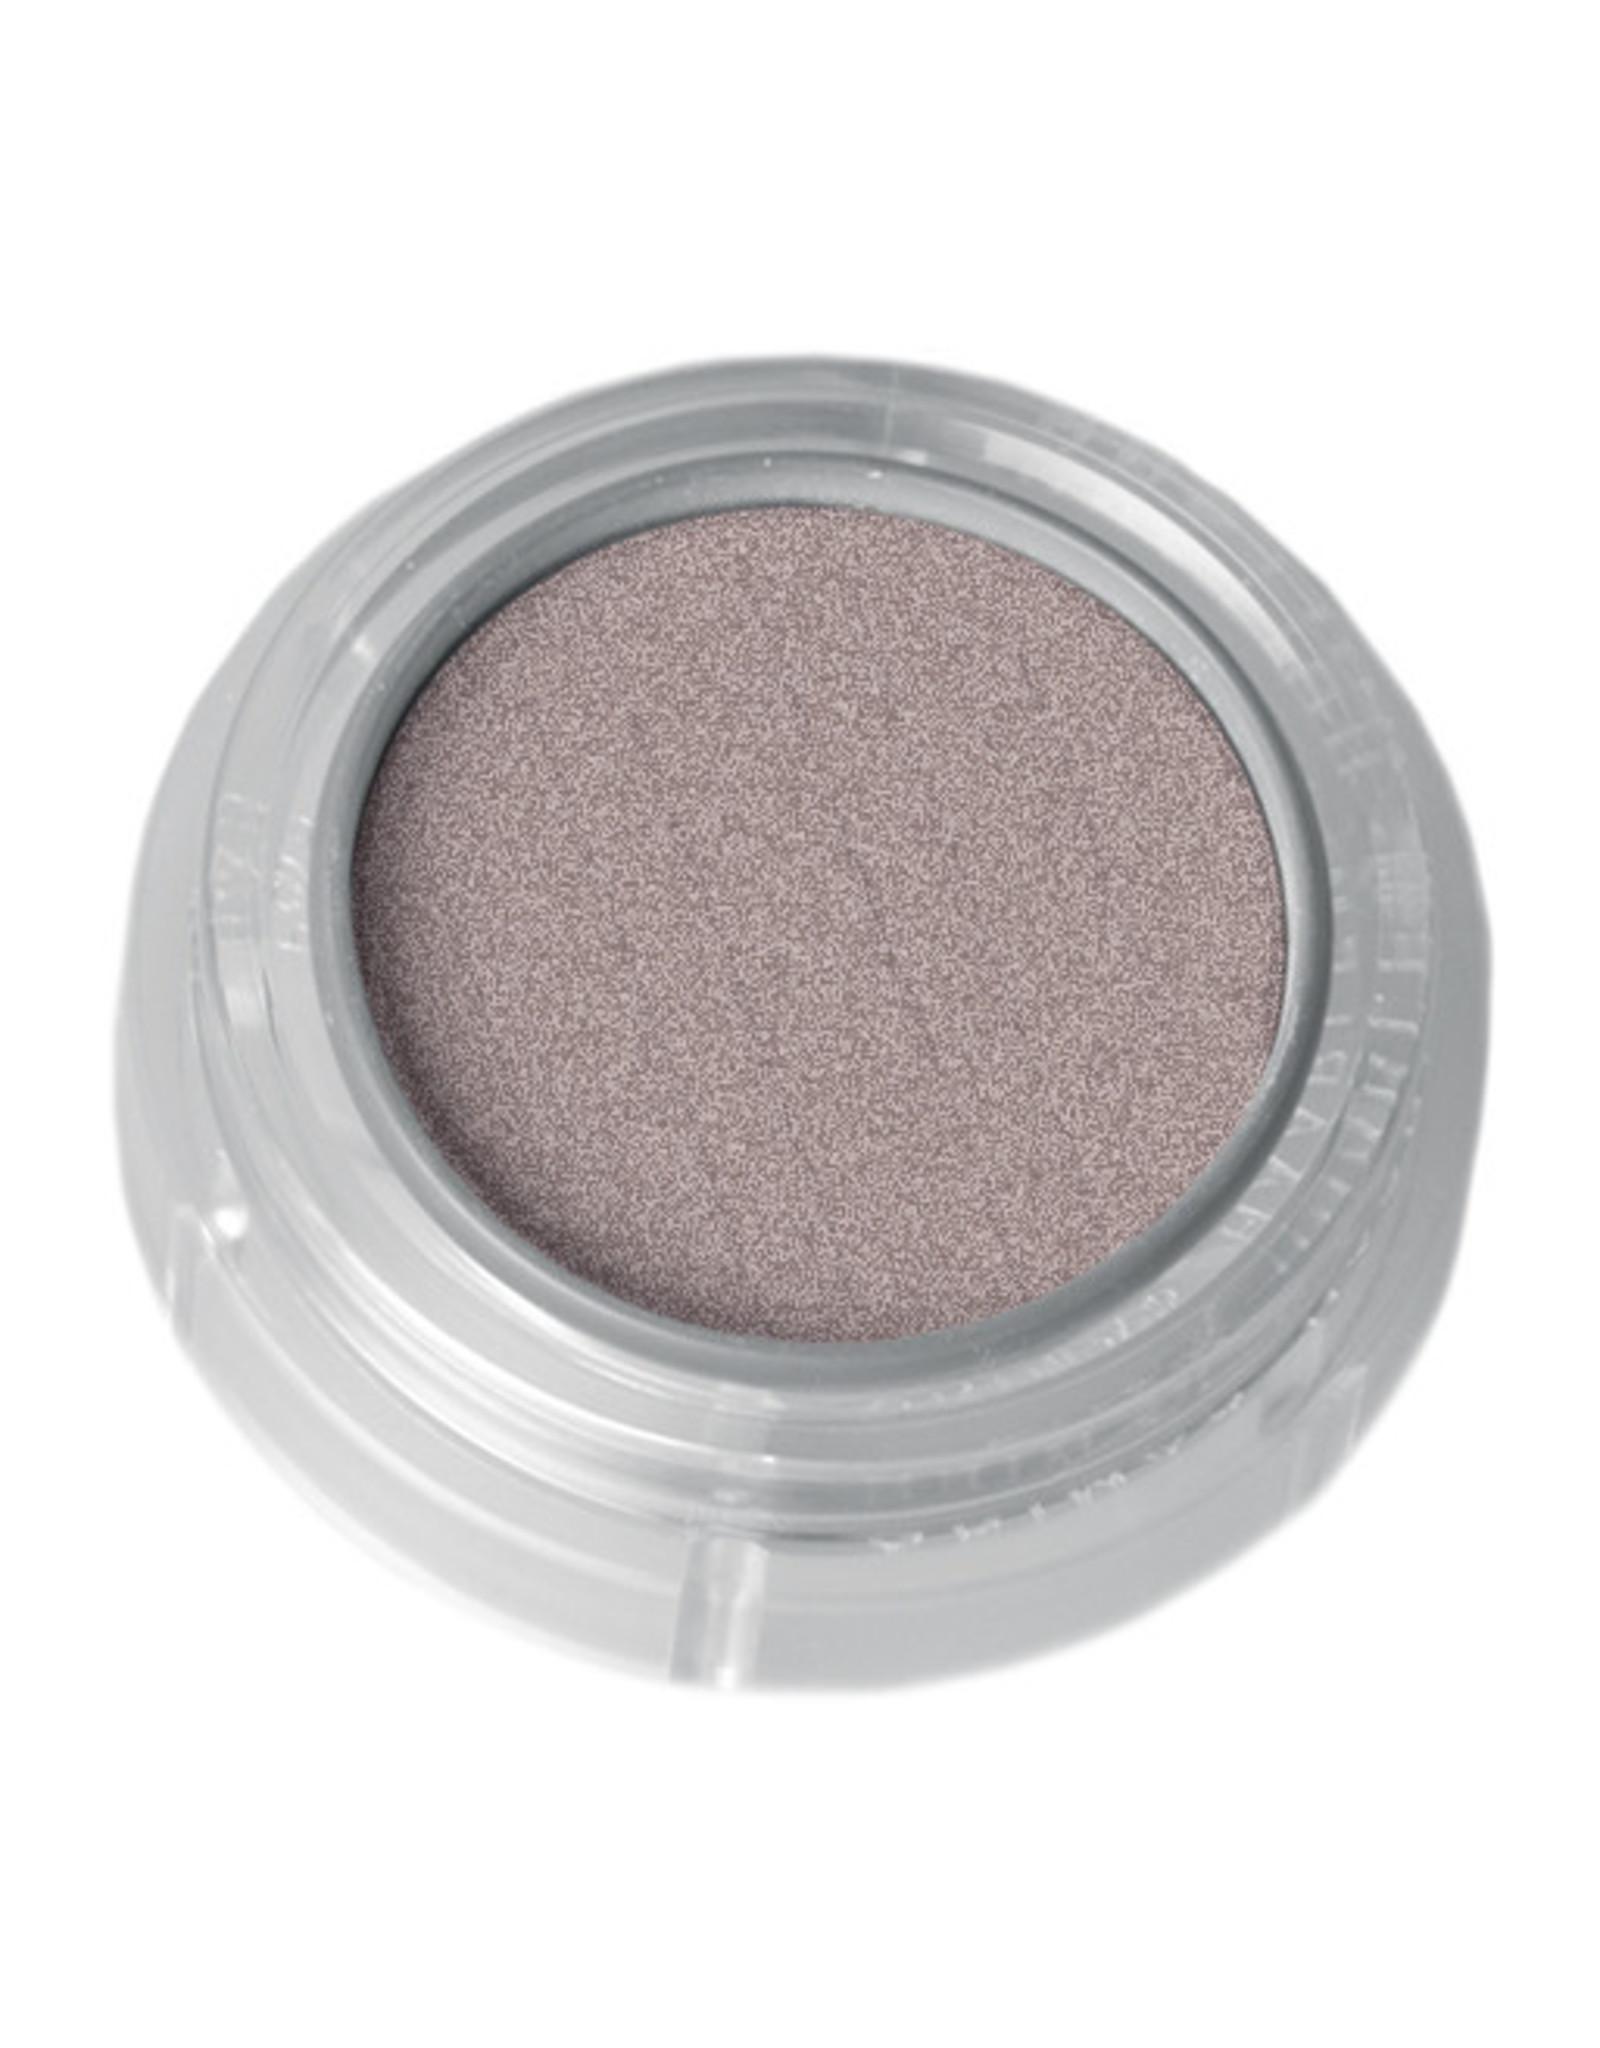 Grimas EYESHADOW/ROUGE PEARL 784 Pearl Bruingrijs A1 (2,5 g)